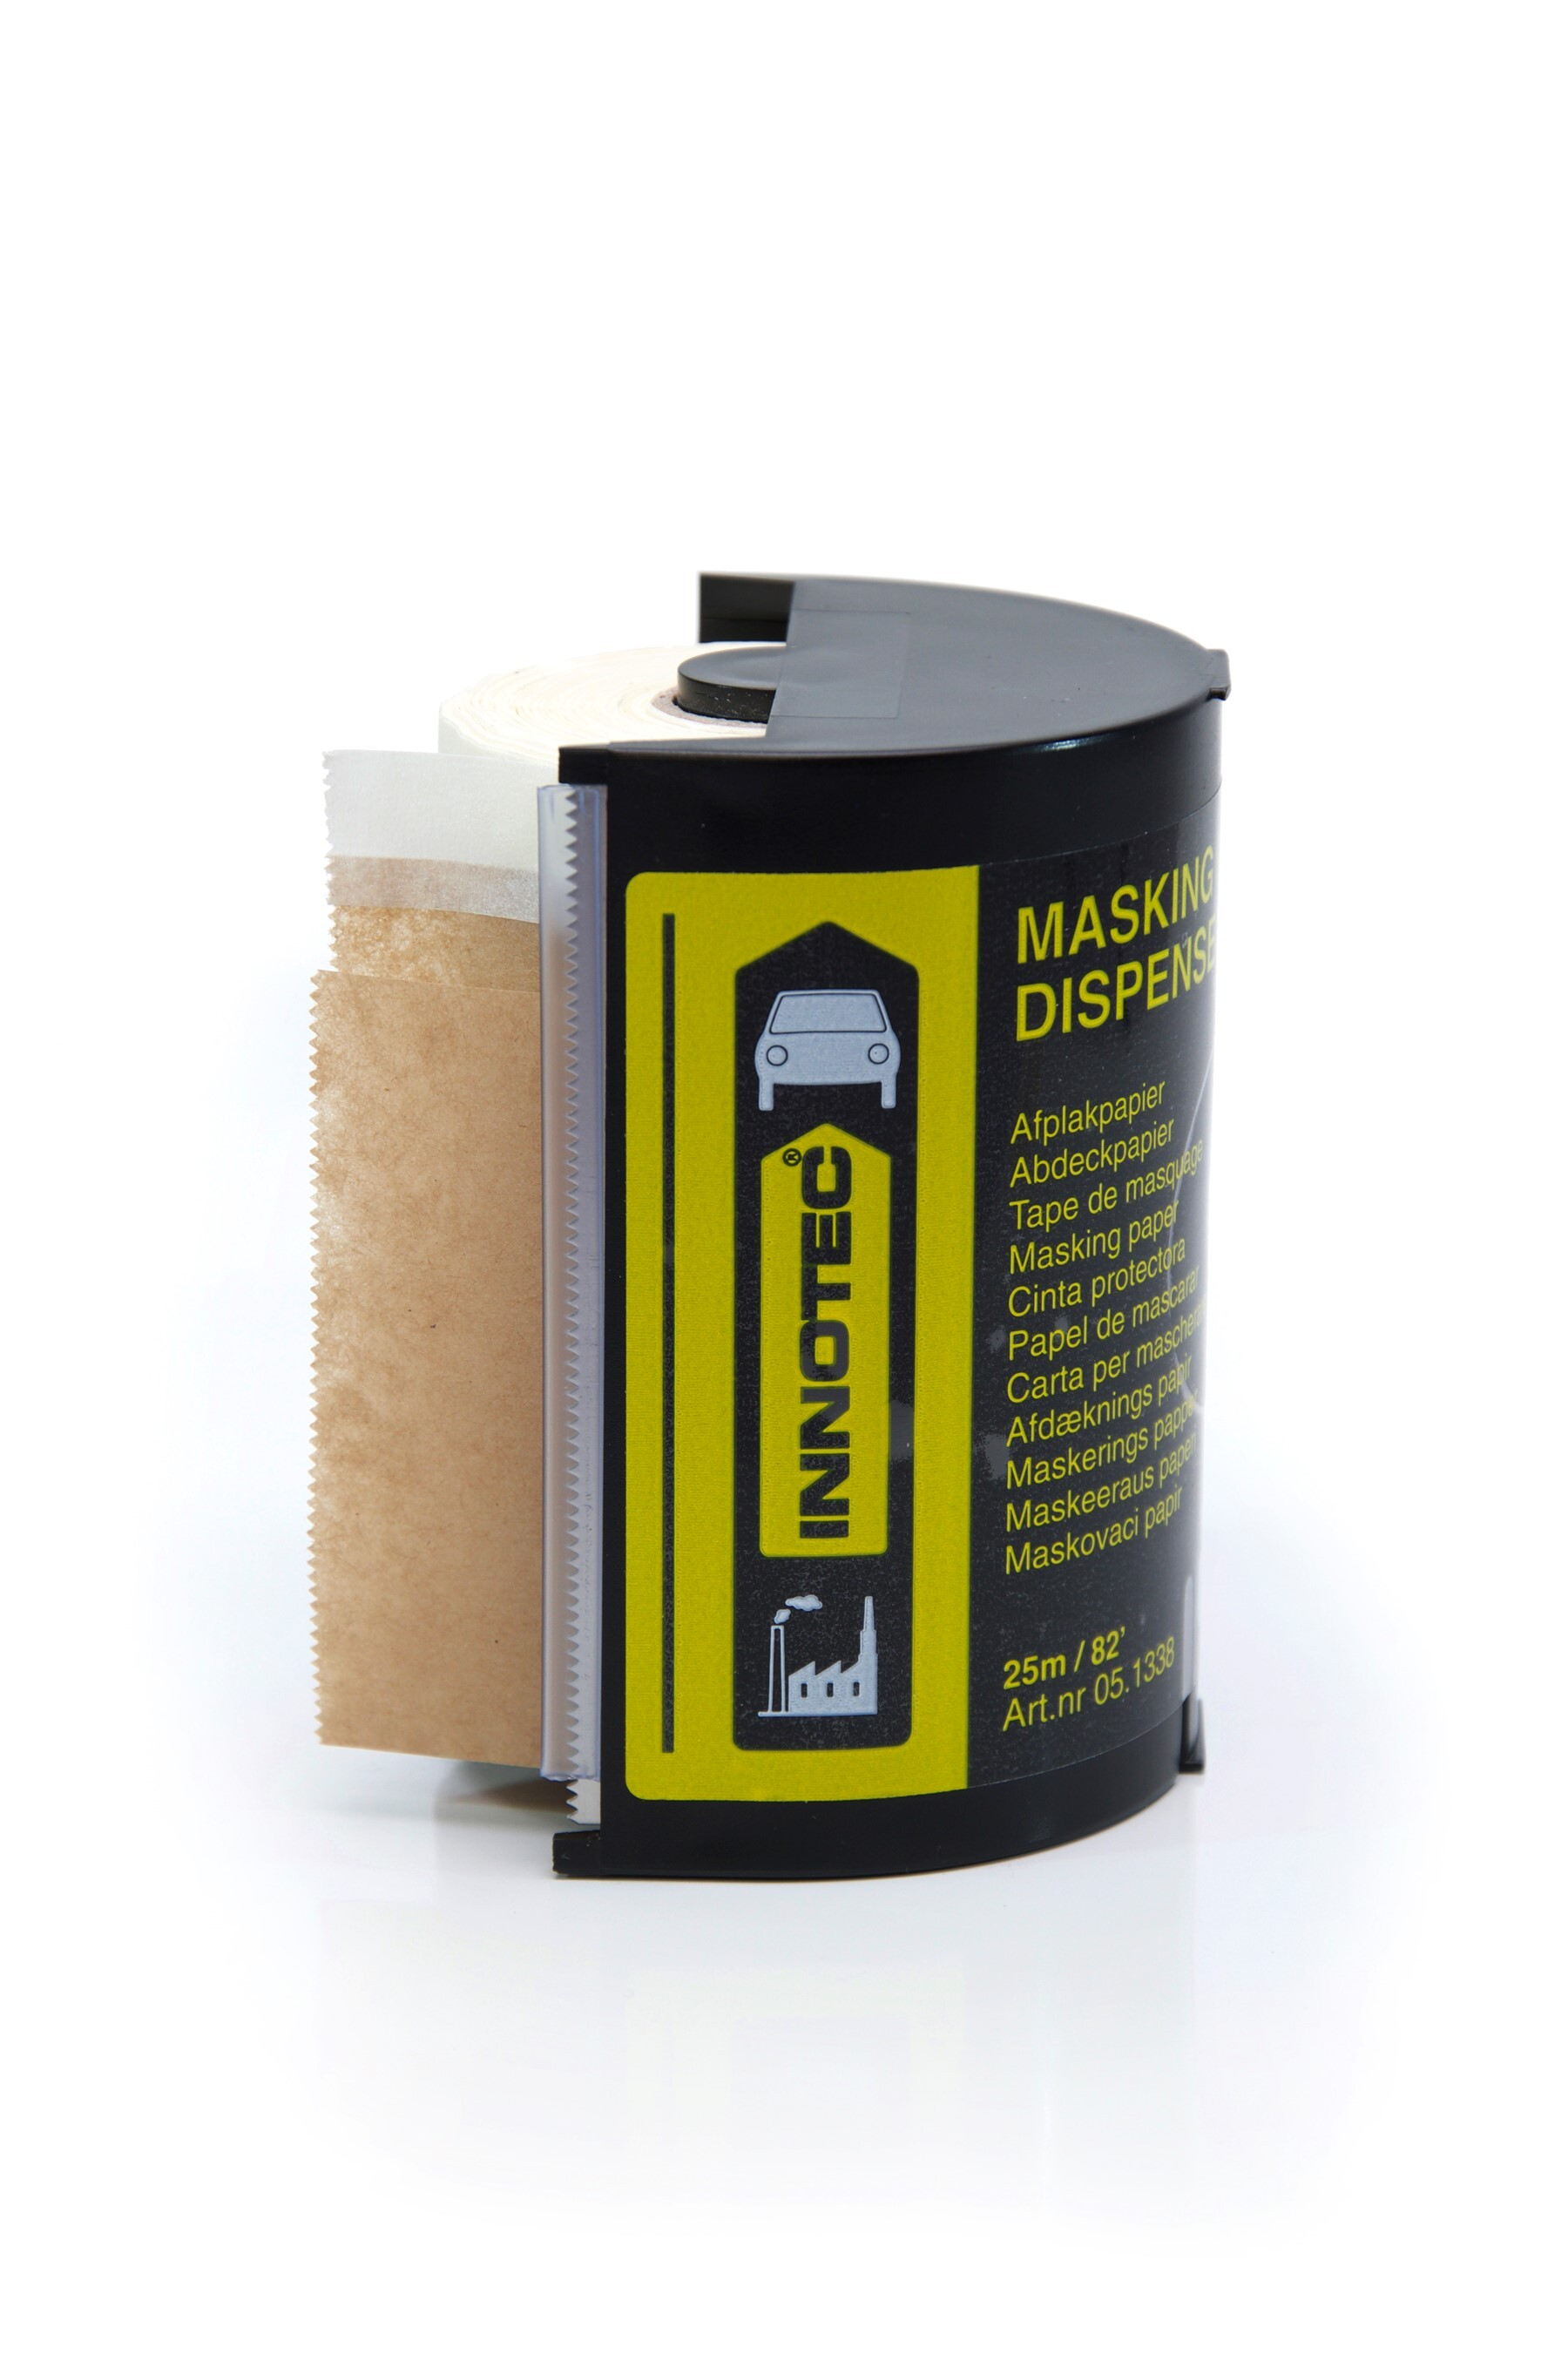 1453 Masking paper Dispenser